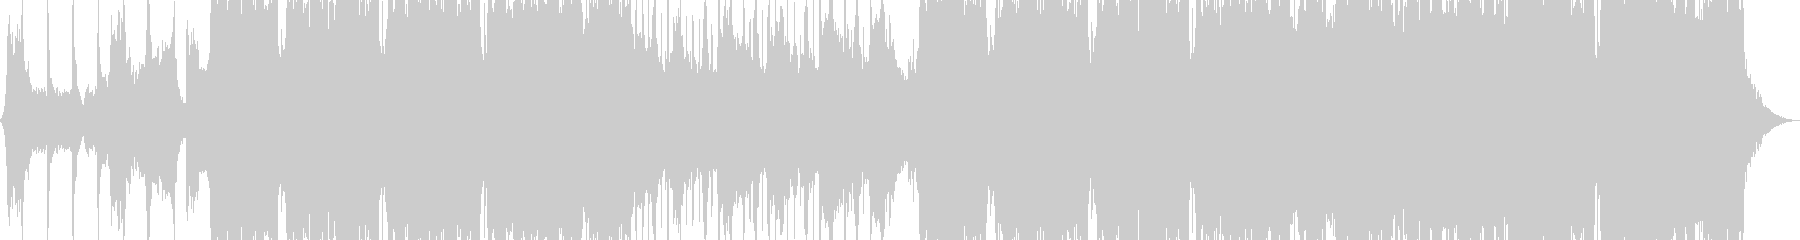 クールでエネルギッシュな音楽を運転するの未再生の波形